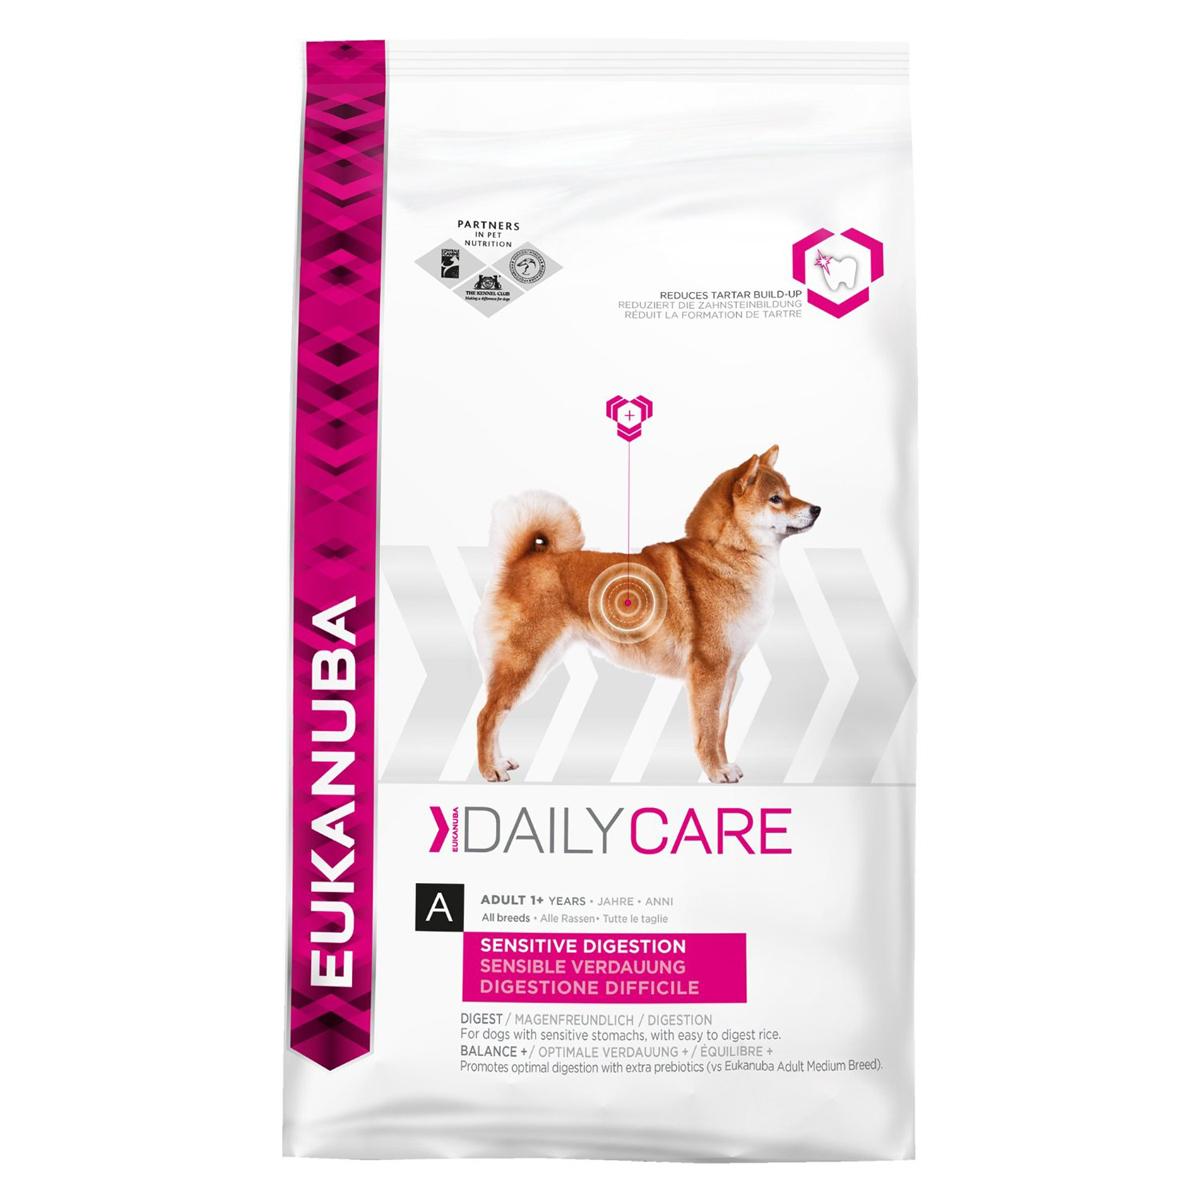 Корм сухой Eukanuba для взрослых собак с чувствительным пищеварением, 12,5 кг0120710Полноценный сбалансированный корм Eukanuba для взрослых собак всех пород возрастом от 1 года с чувствительным пищеварением, обогащенный естественными пребиотическими волокнами для здорового пищеварения. Сухая пульпа сахарной свеклы и пребиотики ФОС для здоровья микрофлоры кишечника. Легкоперевариваемый рис для собак с чувствительным пищеварением.Не содержит искусственных красителей и ароматизаторов. Содержит разрешенные ЕС антиоксиданты (токоферолы).Состав: сублимированное мясо курицы и индейки 22%, рис 21%, кукуруза, сорго, животный жир, сухая пульпа сахарной свеклы 2,8%, рыбная мука, сухое цельное яйцо, гидролизат белков животного происхождения, фруктоолигосахариды 0,77%, гидрофосфат кальция, хлорид калия, хлорид натрия, гексаметафосфат натрия, рыбий жир, карбонат кальция, льняное семя.Добавки: витамин A 46167 МЕ/кг, витамин D3 1532 МЕ/кг, витамин E 256 мг/кг, бета-каротин 5,0 мг/кг. Микроэлементы: базовый карбонат кобальта, моногидрат 0,50 мг/кг, пентагидрат сульфат меди 47 мг/кг, йодид калия 3,4 мг/кг моногидрат сульфат железа 633 мг/кг, сульфат марганца моногидрат 48 мг/кг, оксид марганца 34 мг/кг, оксид цинка 220 мг/кг.Вес: 12,5 кг.Товар сертифицирован.